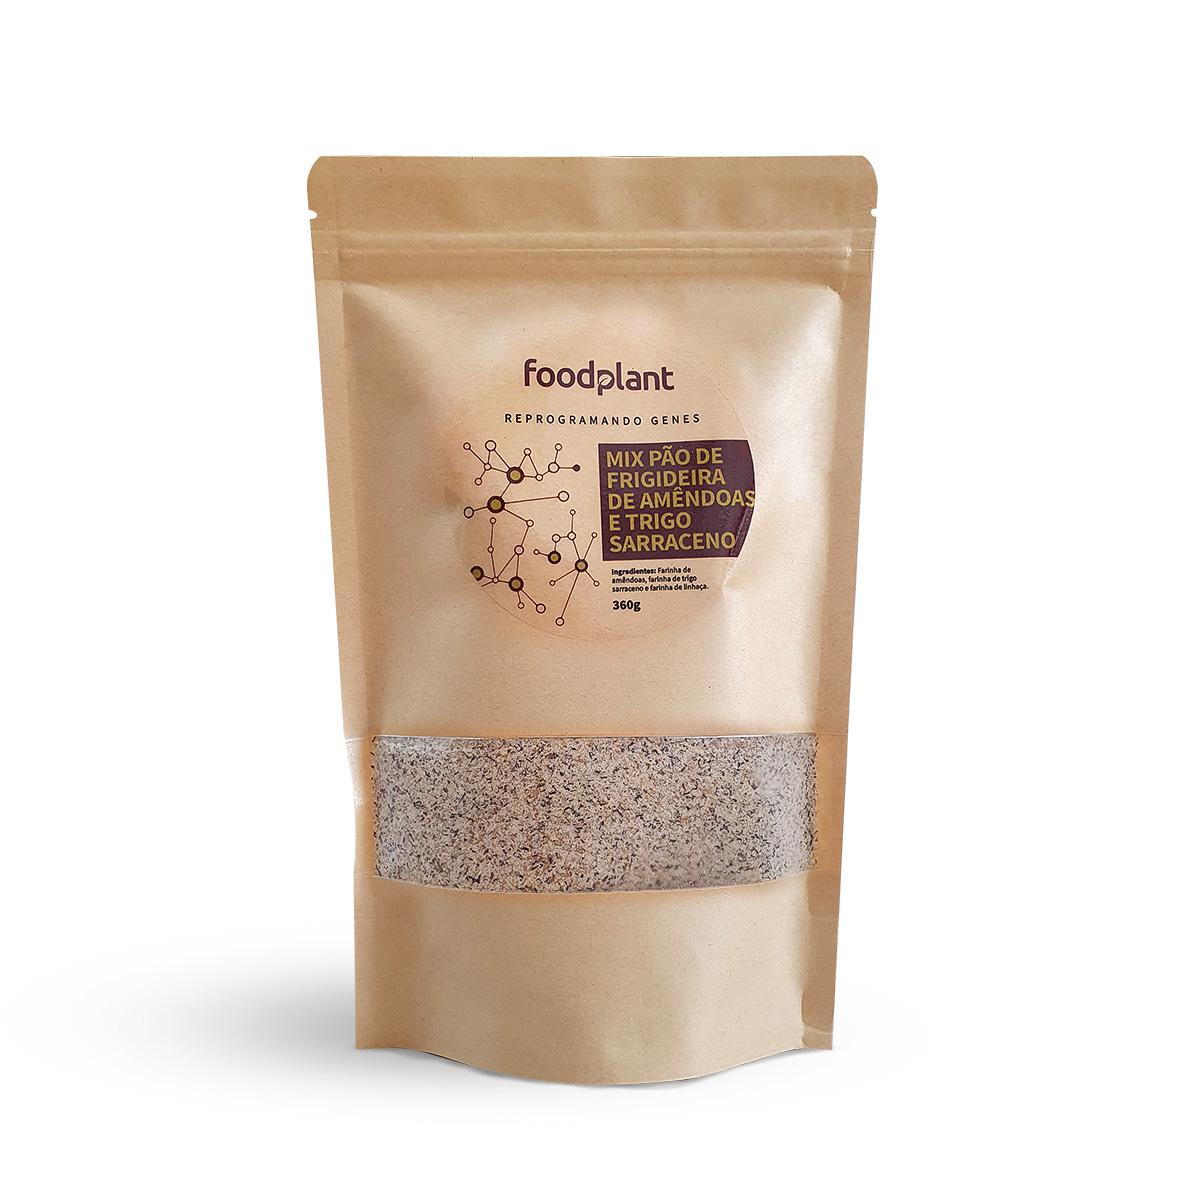 Mix Pão de Frigideira de Amêndoas e Trigo Sarraceno Foodplant 360g